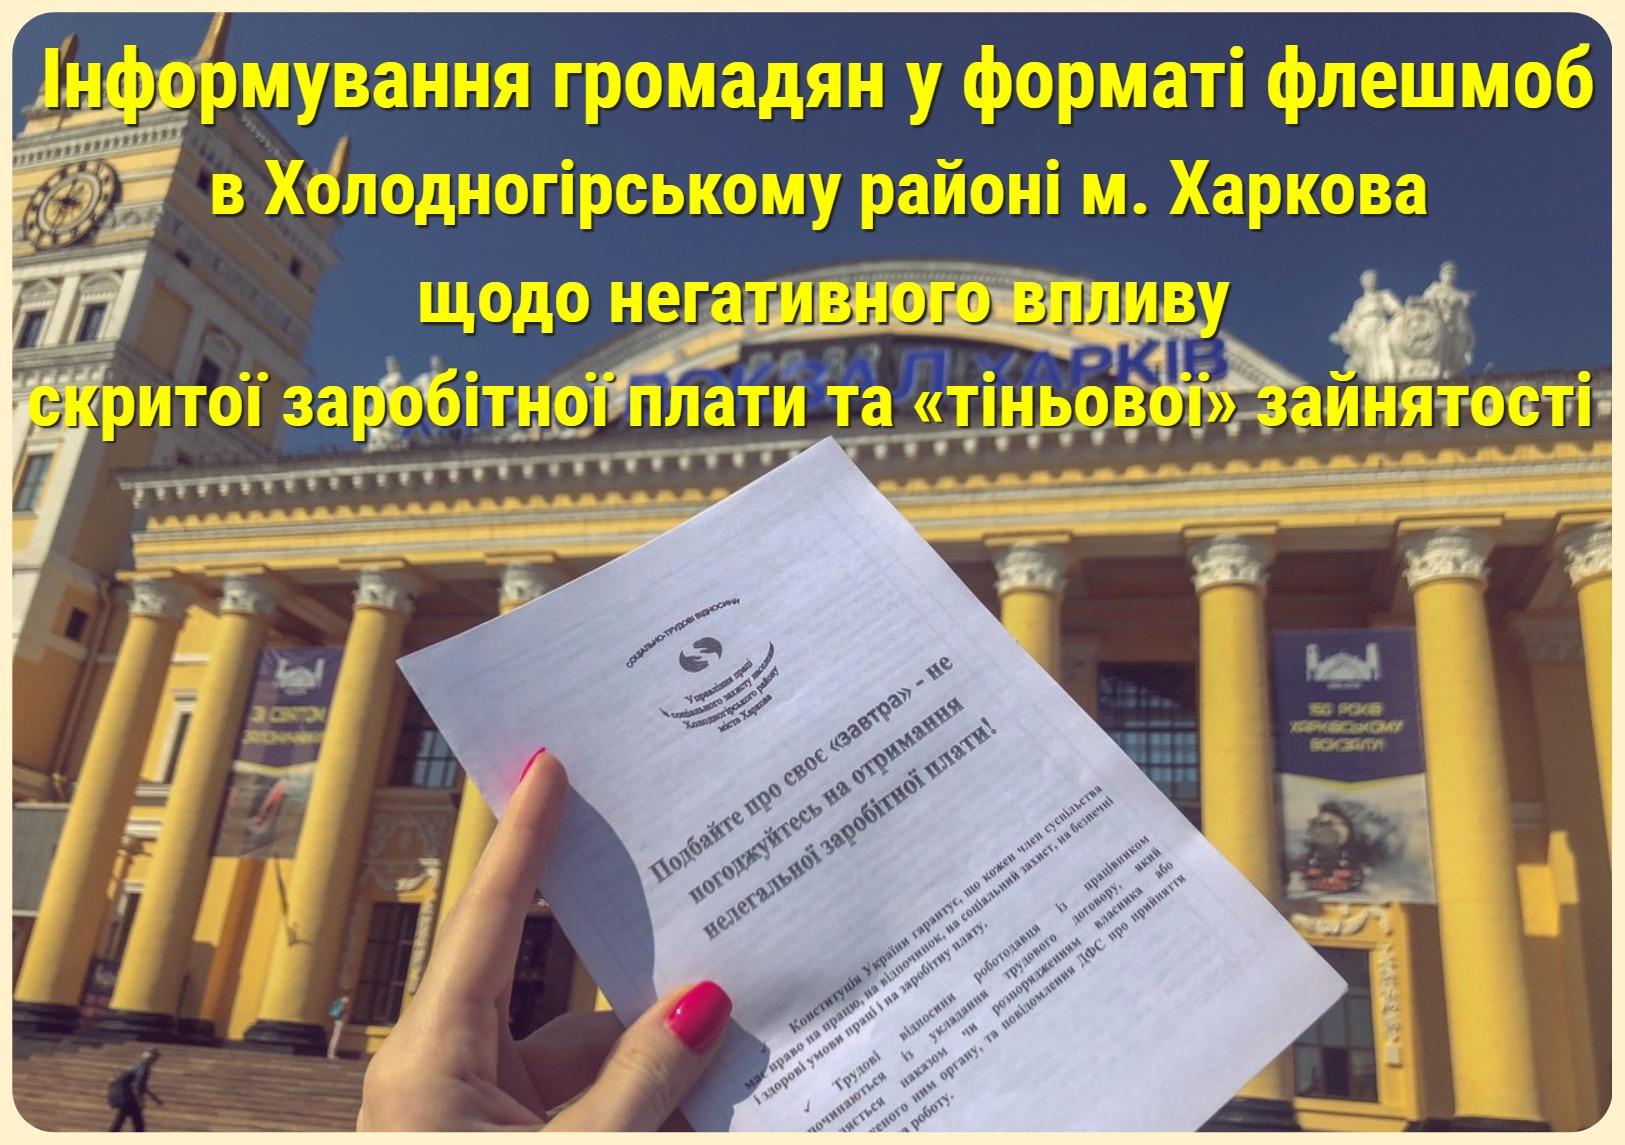 В Холодногірському районі м. Харкова проведено інформування громадян щодо негативного впливу скритої заробітної плати та «тіньової» зайнятості